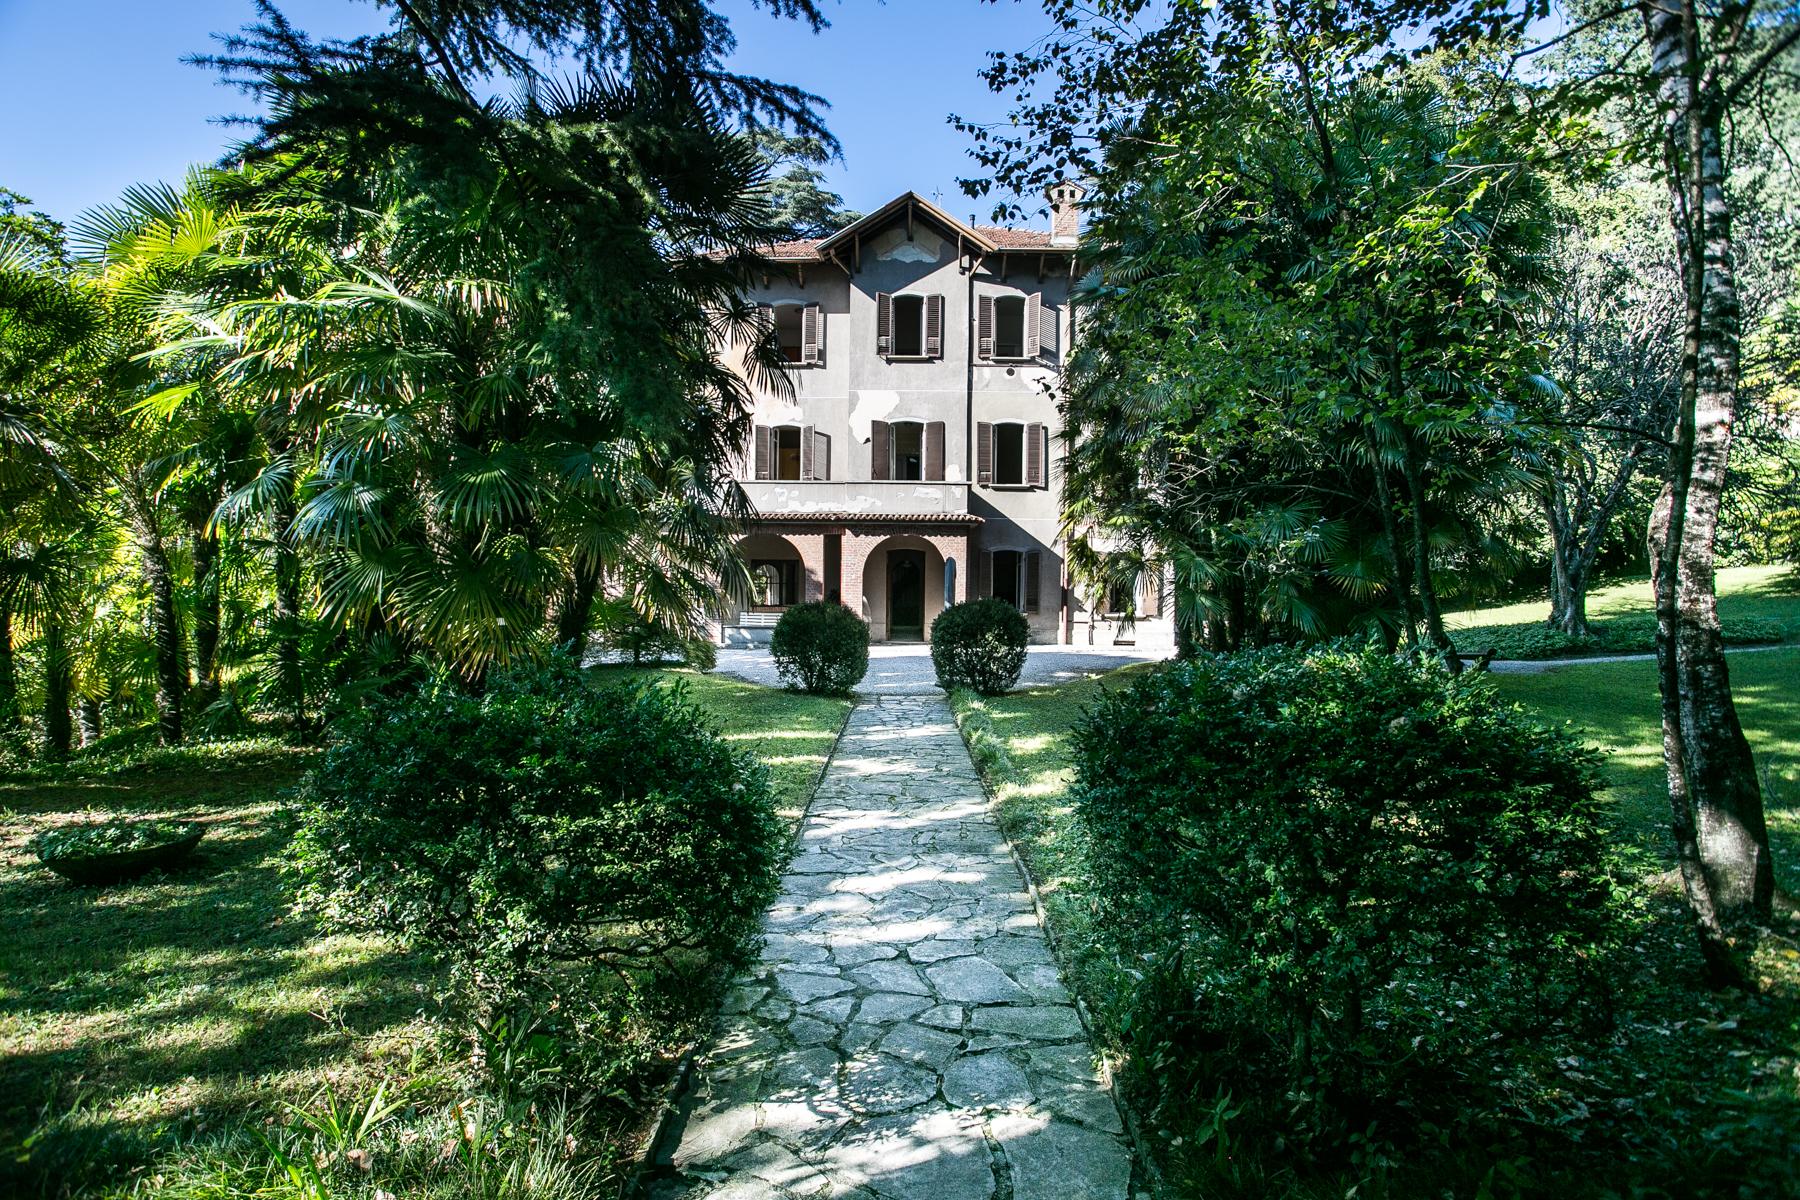 Villa di lusso in vendita a lierna via ducale trovocasa for Cabinati di lusso in vendita